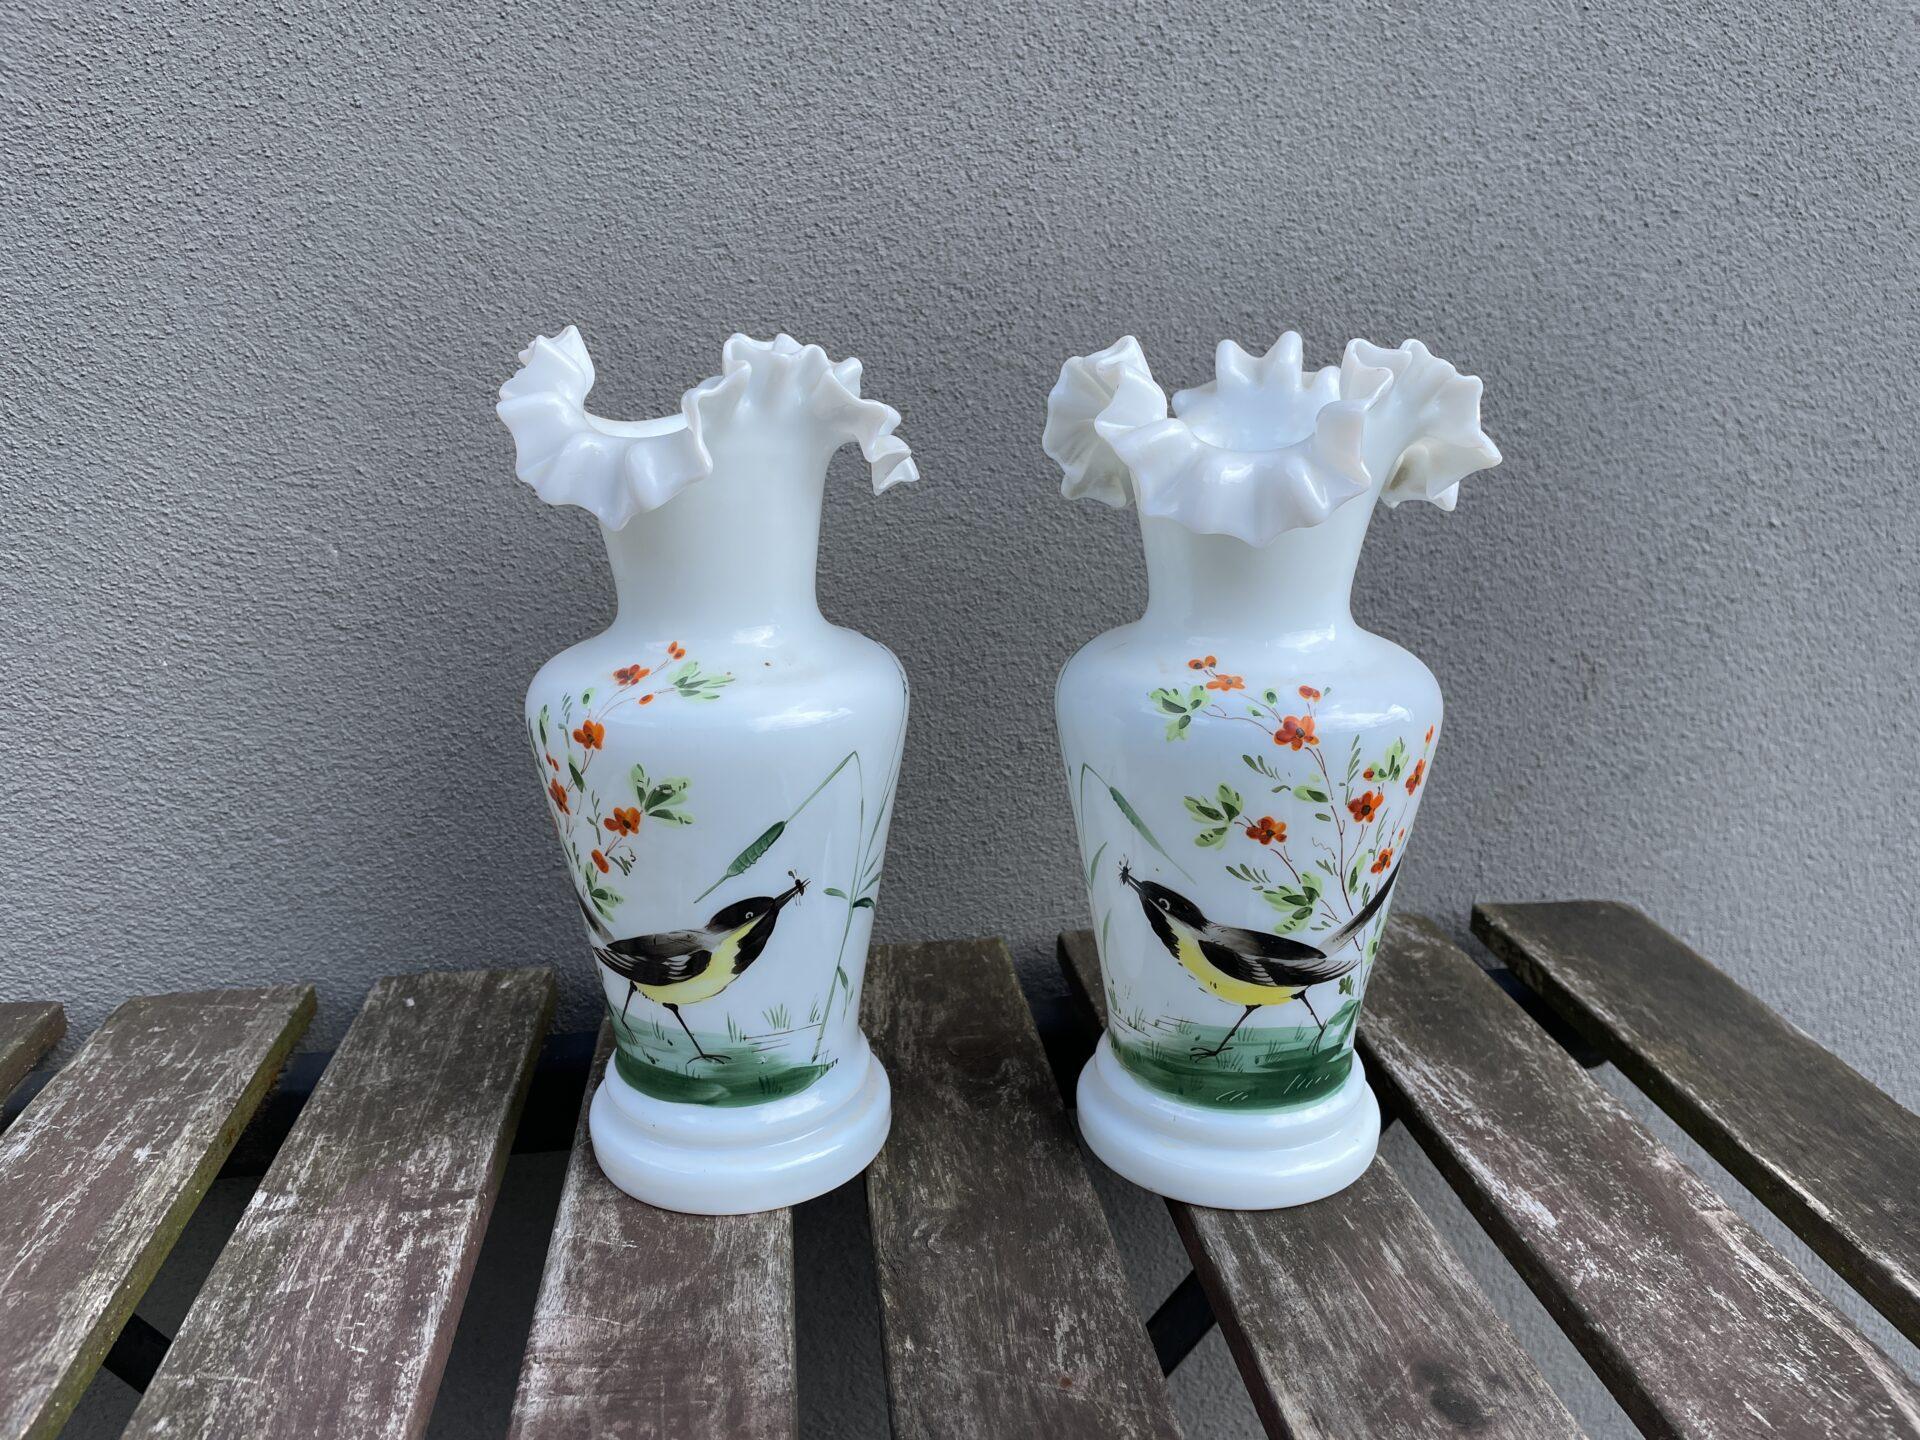 2 stk antikke vaser af opalineglas med flæsekant og bemaling, h= 23 cm, fejlfri, samlet pris 1000kr